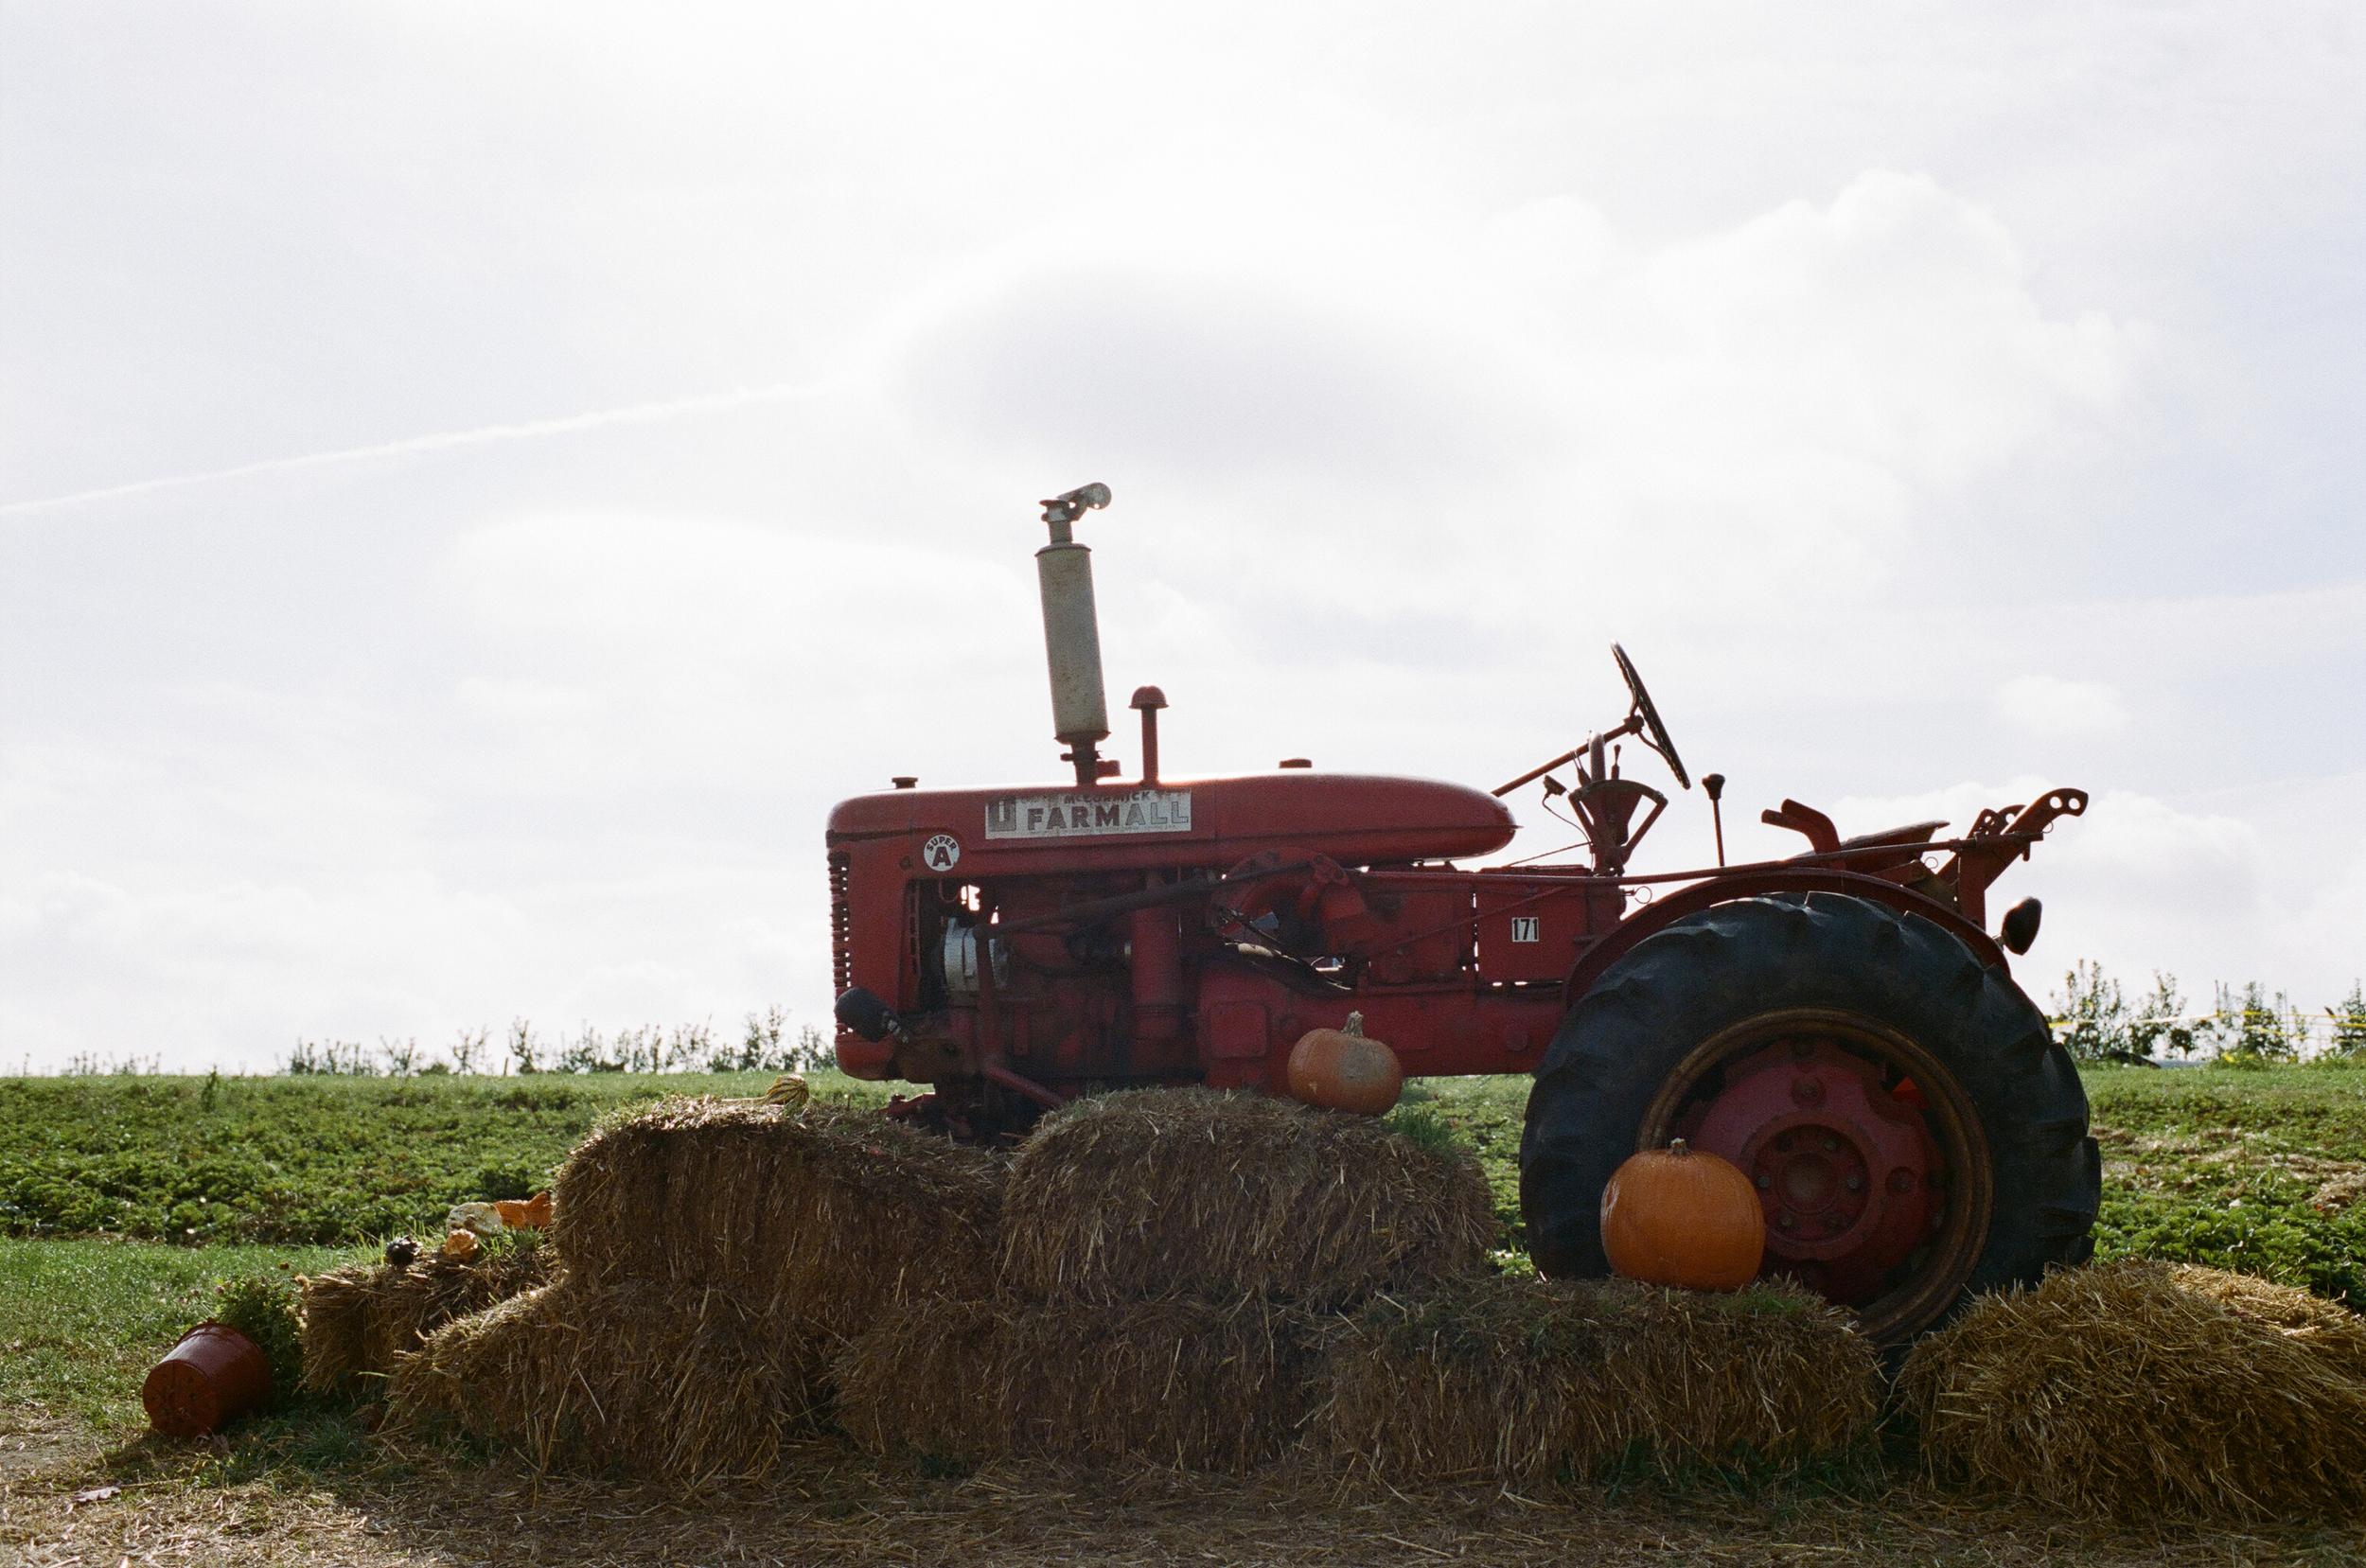 soergel-orchards-pittsburgh-018.jpg